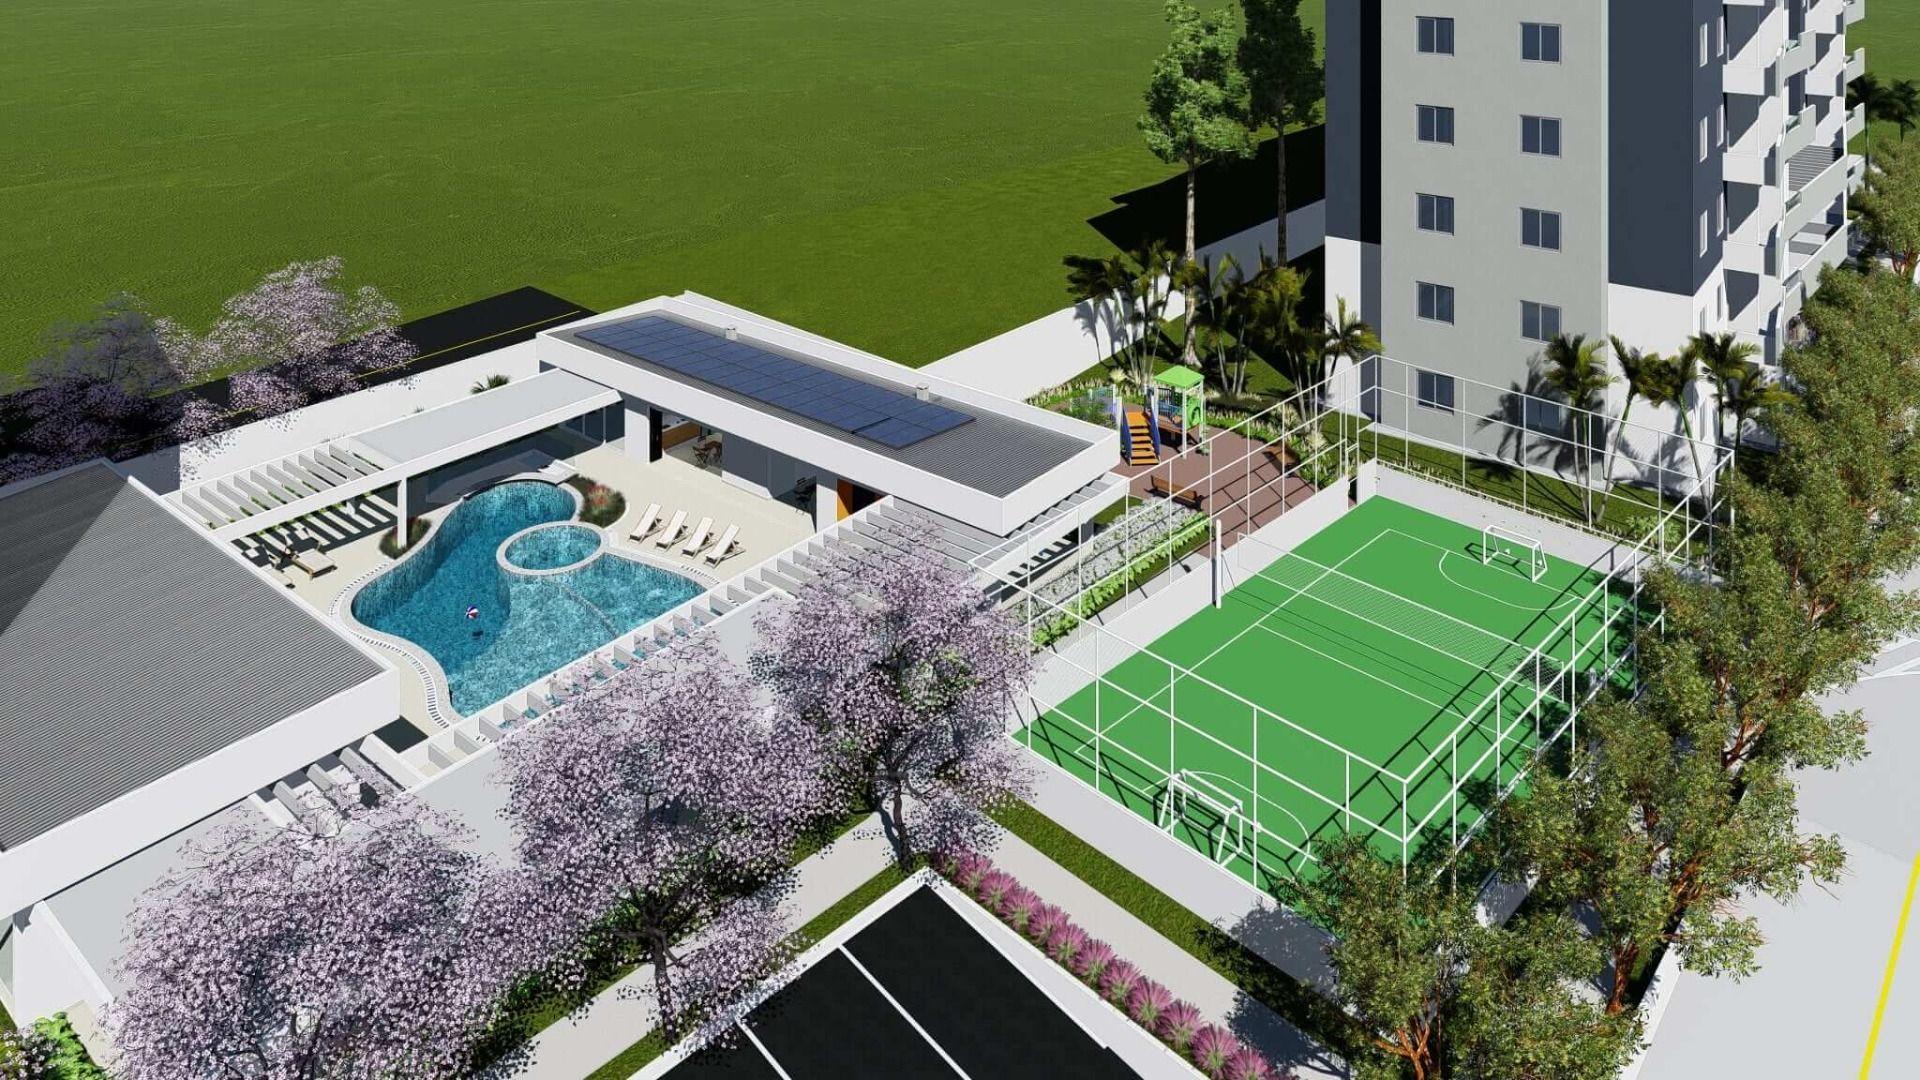 Hevea Vivence Residence, foto 2